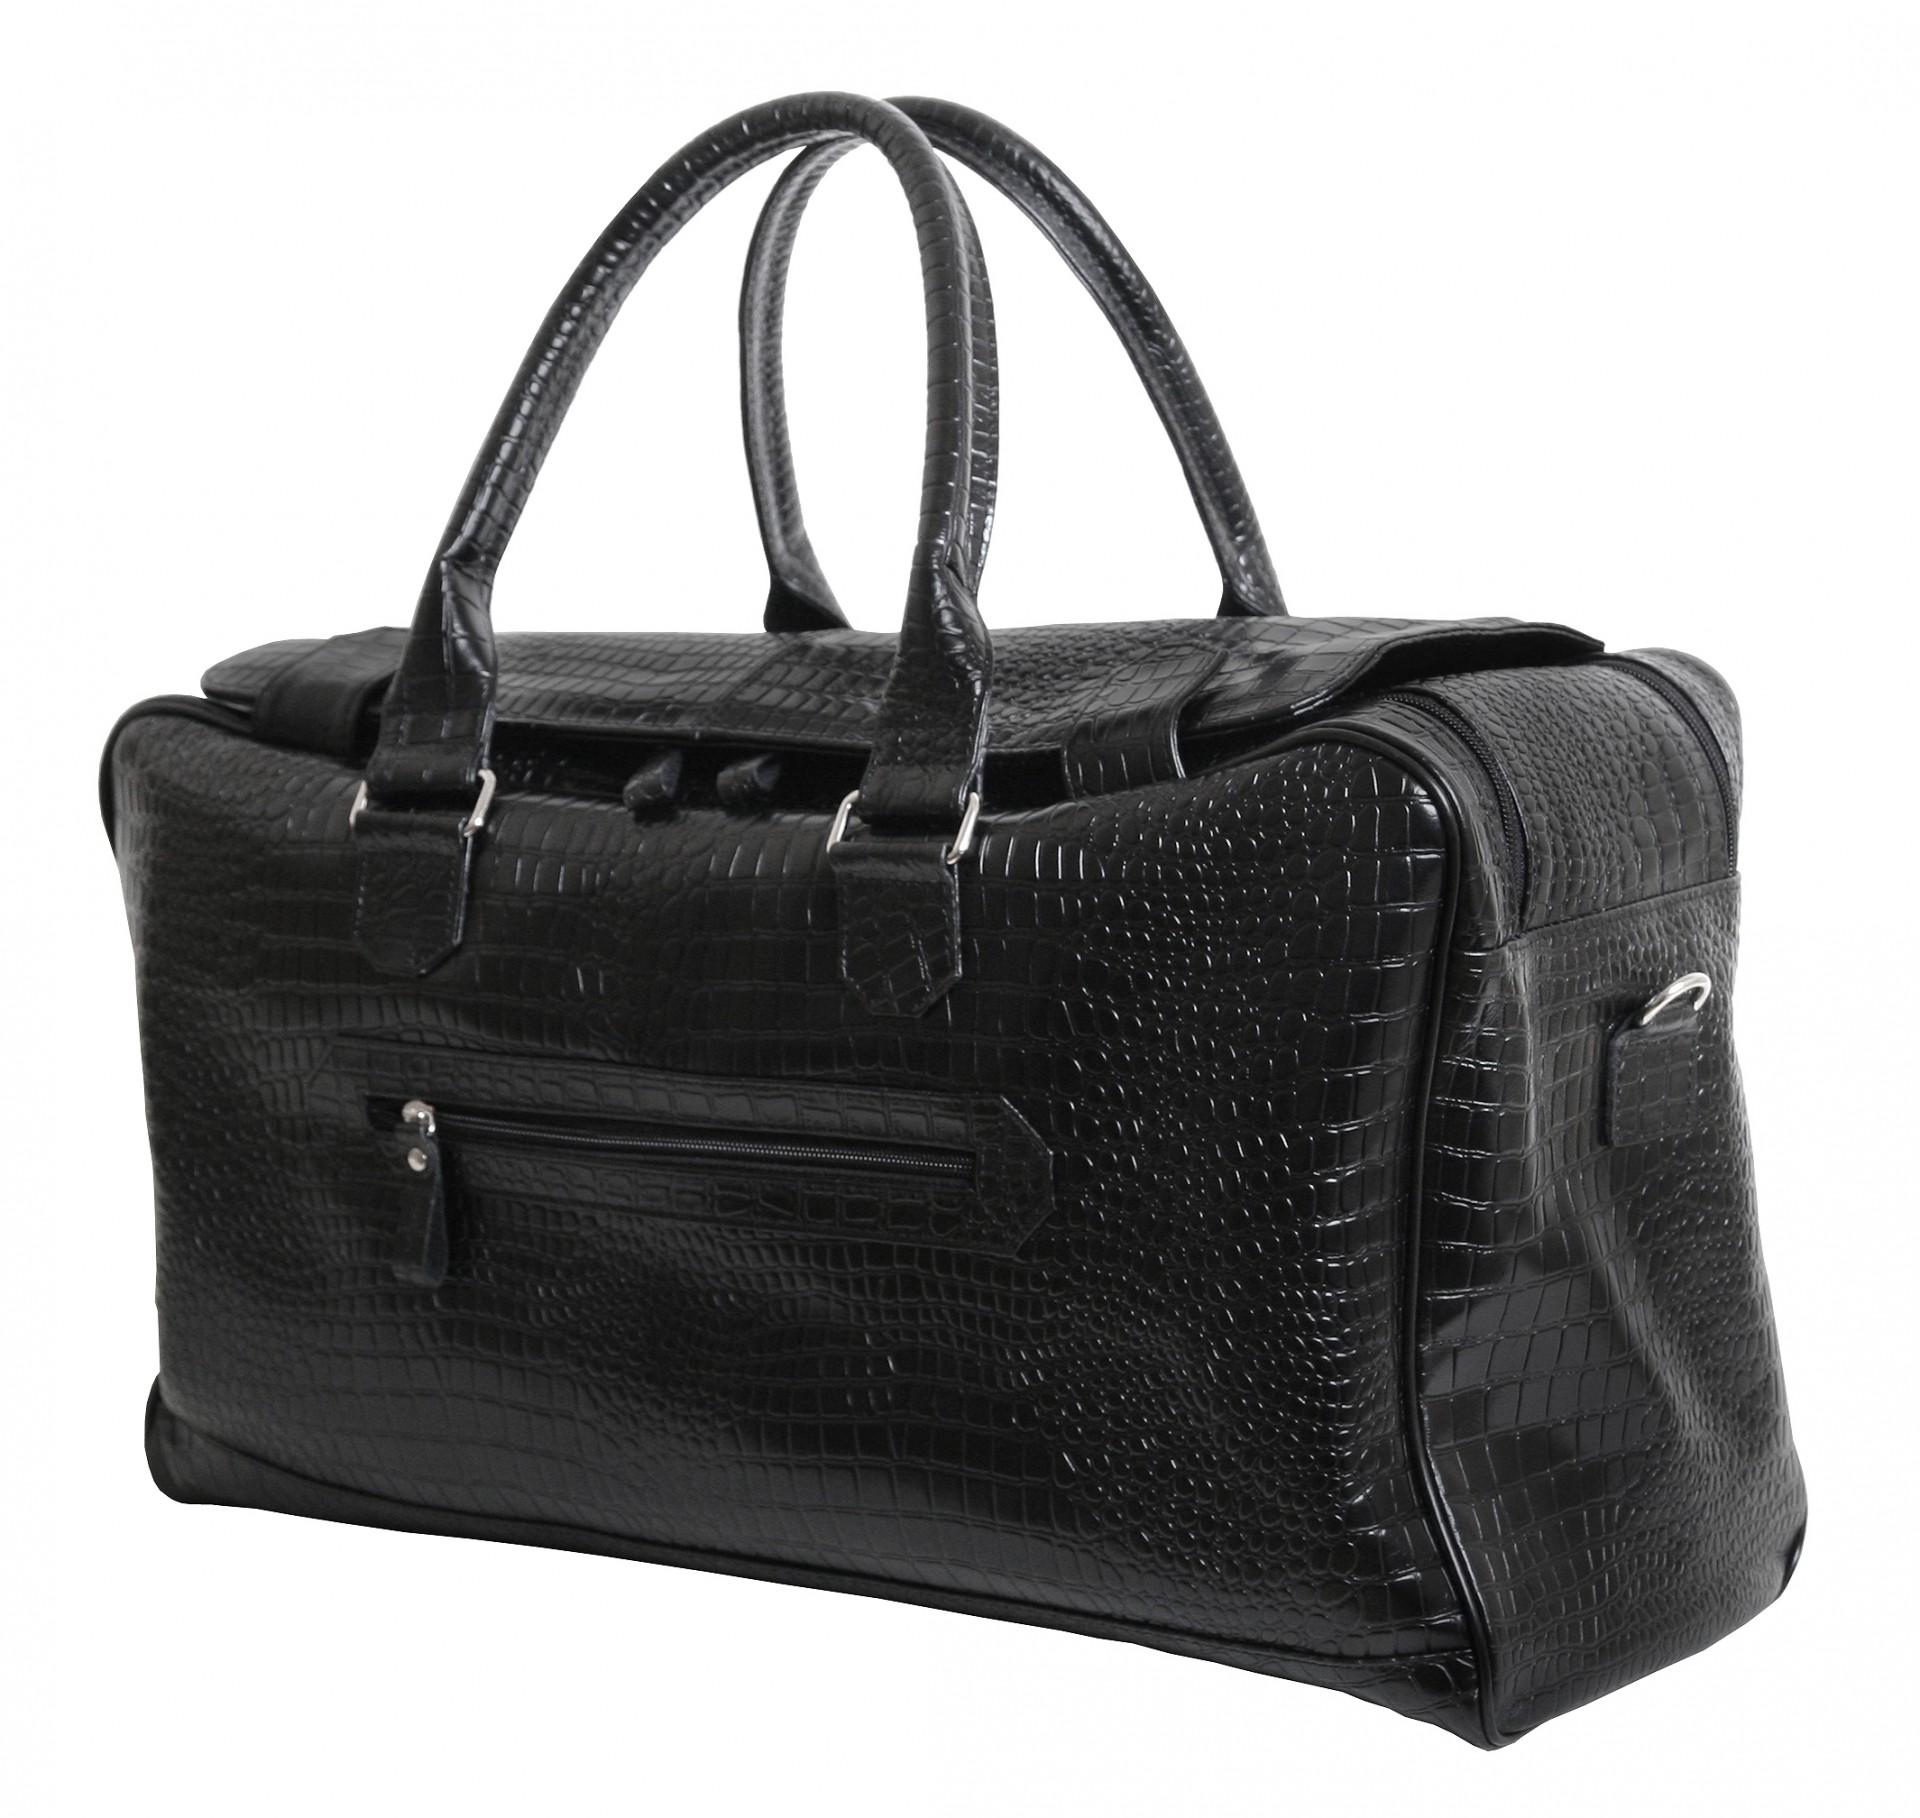 c490fde22962 Кожаная элитная дорожная сумка с фактурой крокодила VIP COLLECTION (0-2085)